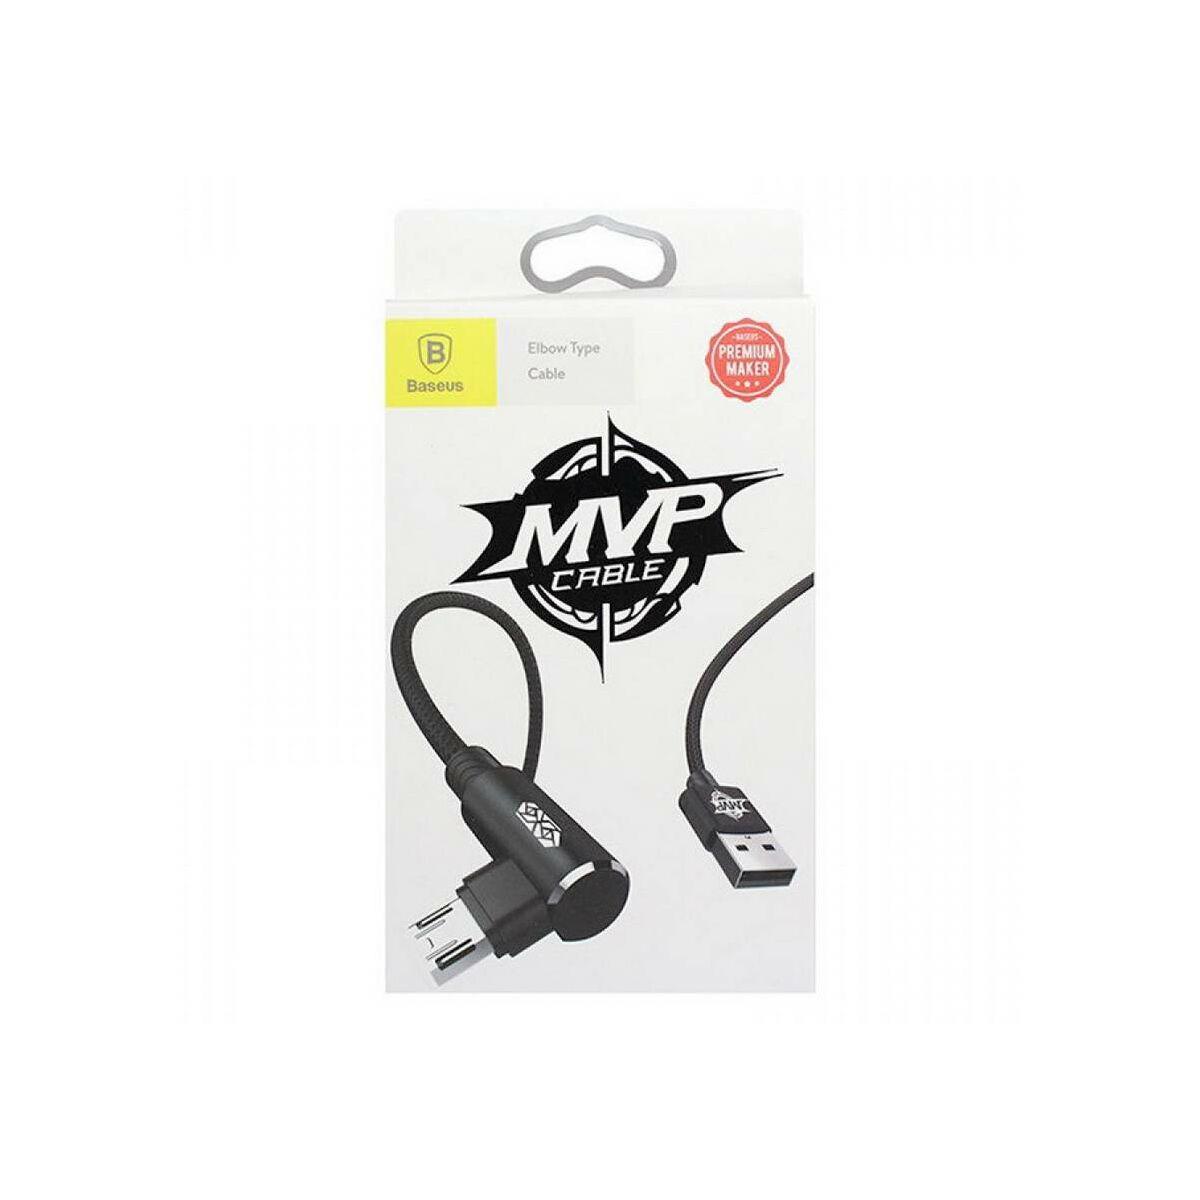 Baseus Micro USB kábel, MVP Elbow Type Mobile Game, L-alakú csatlakozó, töltés/státusz-jelző LED, 1.5A, 2 m, fekete (CAMMVP-B01)